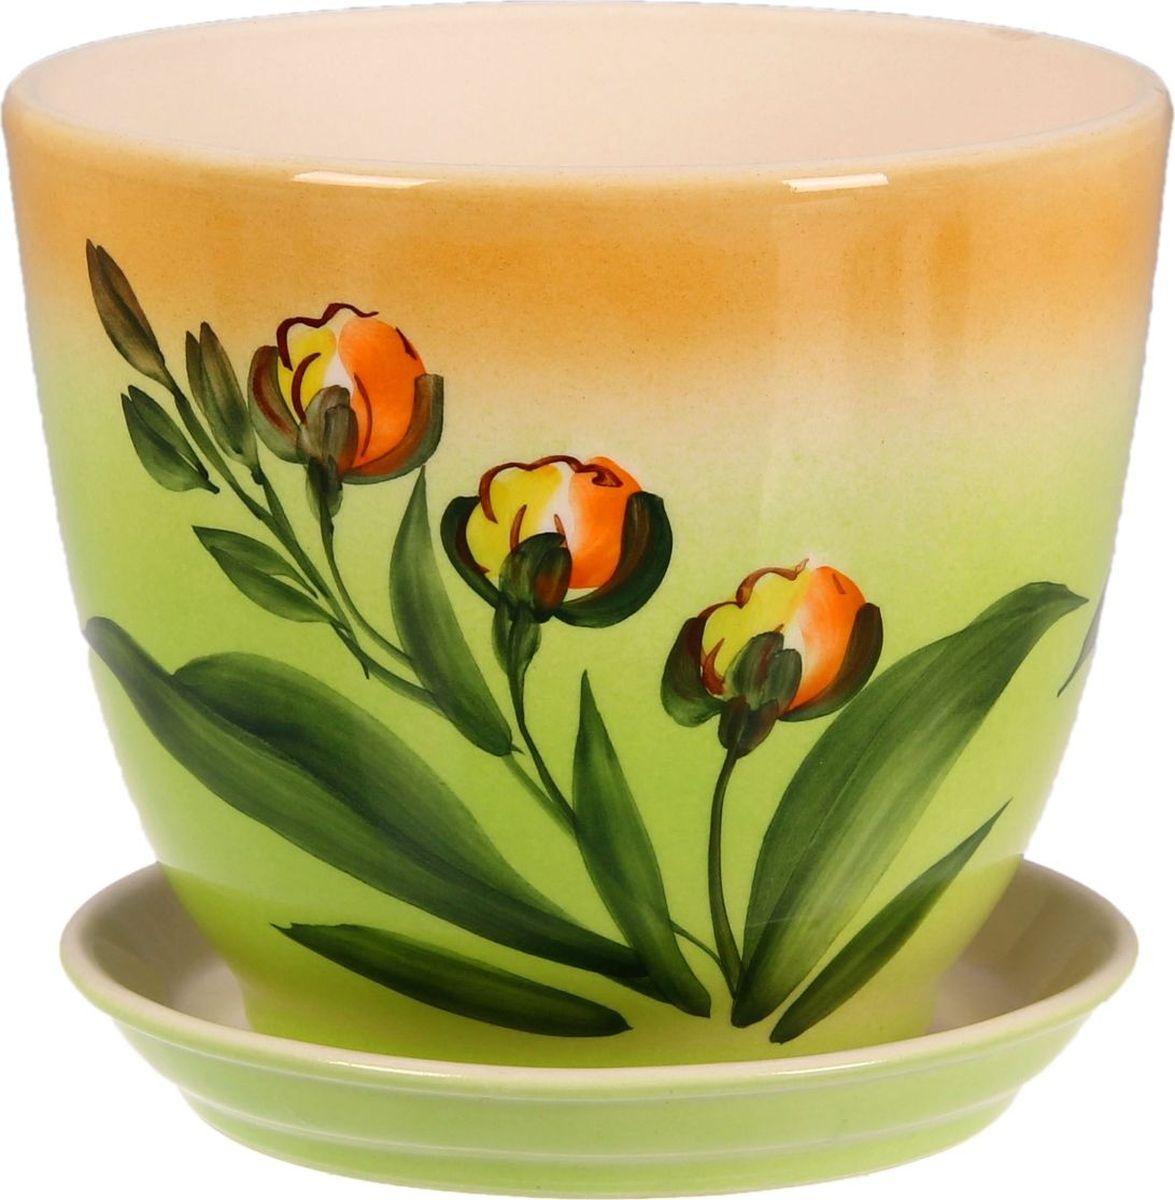 Кашпо Керамика ручной работы Кедр. Орхидея, 2,2 л1099341Комнатные растения - всеобщие любимцы. Они радуют глаз, насыщают помещение кислородом и украшают пространство. Каждому из них необходим свой удобный и красивый дом. Кашпо из керамики прекрасно подходят для высадки растений:пористый материал позволяет испаряться лишней влаге;воздух, необходимый для дыхания корней, проникает сквозь керамические стенки. Кашпо Кедр. Орхидея позаботится о зеленом питомце, освежит интерьер и подчеркнет его стиль.